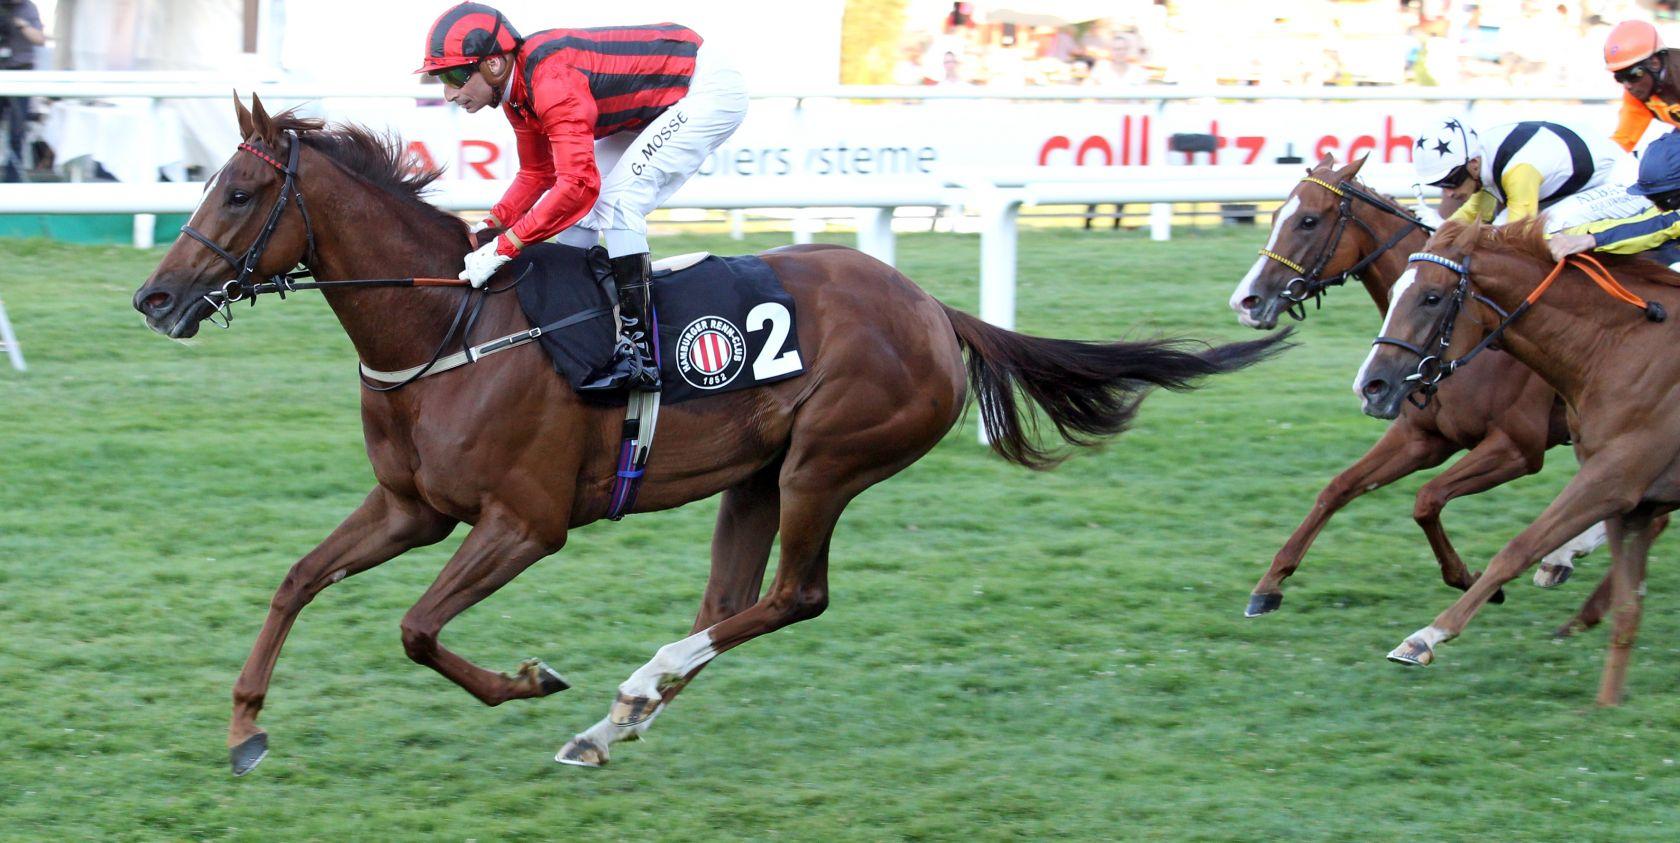 IndianBlessingmit Gerald Mosse gewinnt den Sparkasse Holstein Cup. (Copyright: Frank Sorge)